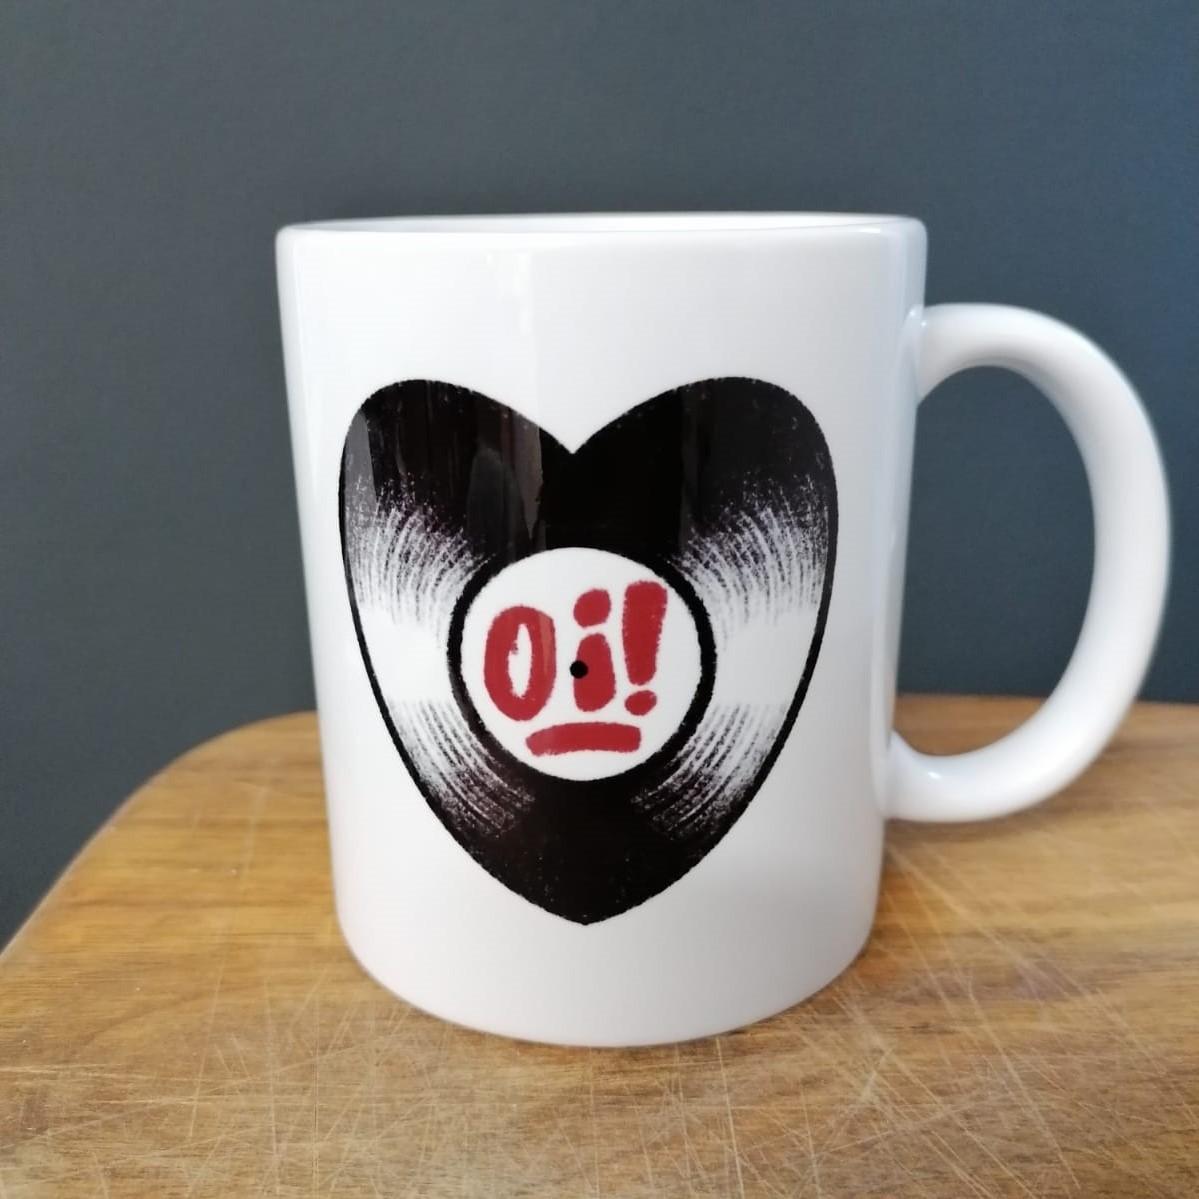 """Vinyl love affair - """"Oi!"""" - Tasse/Mug"""